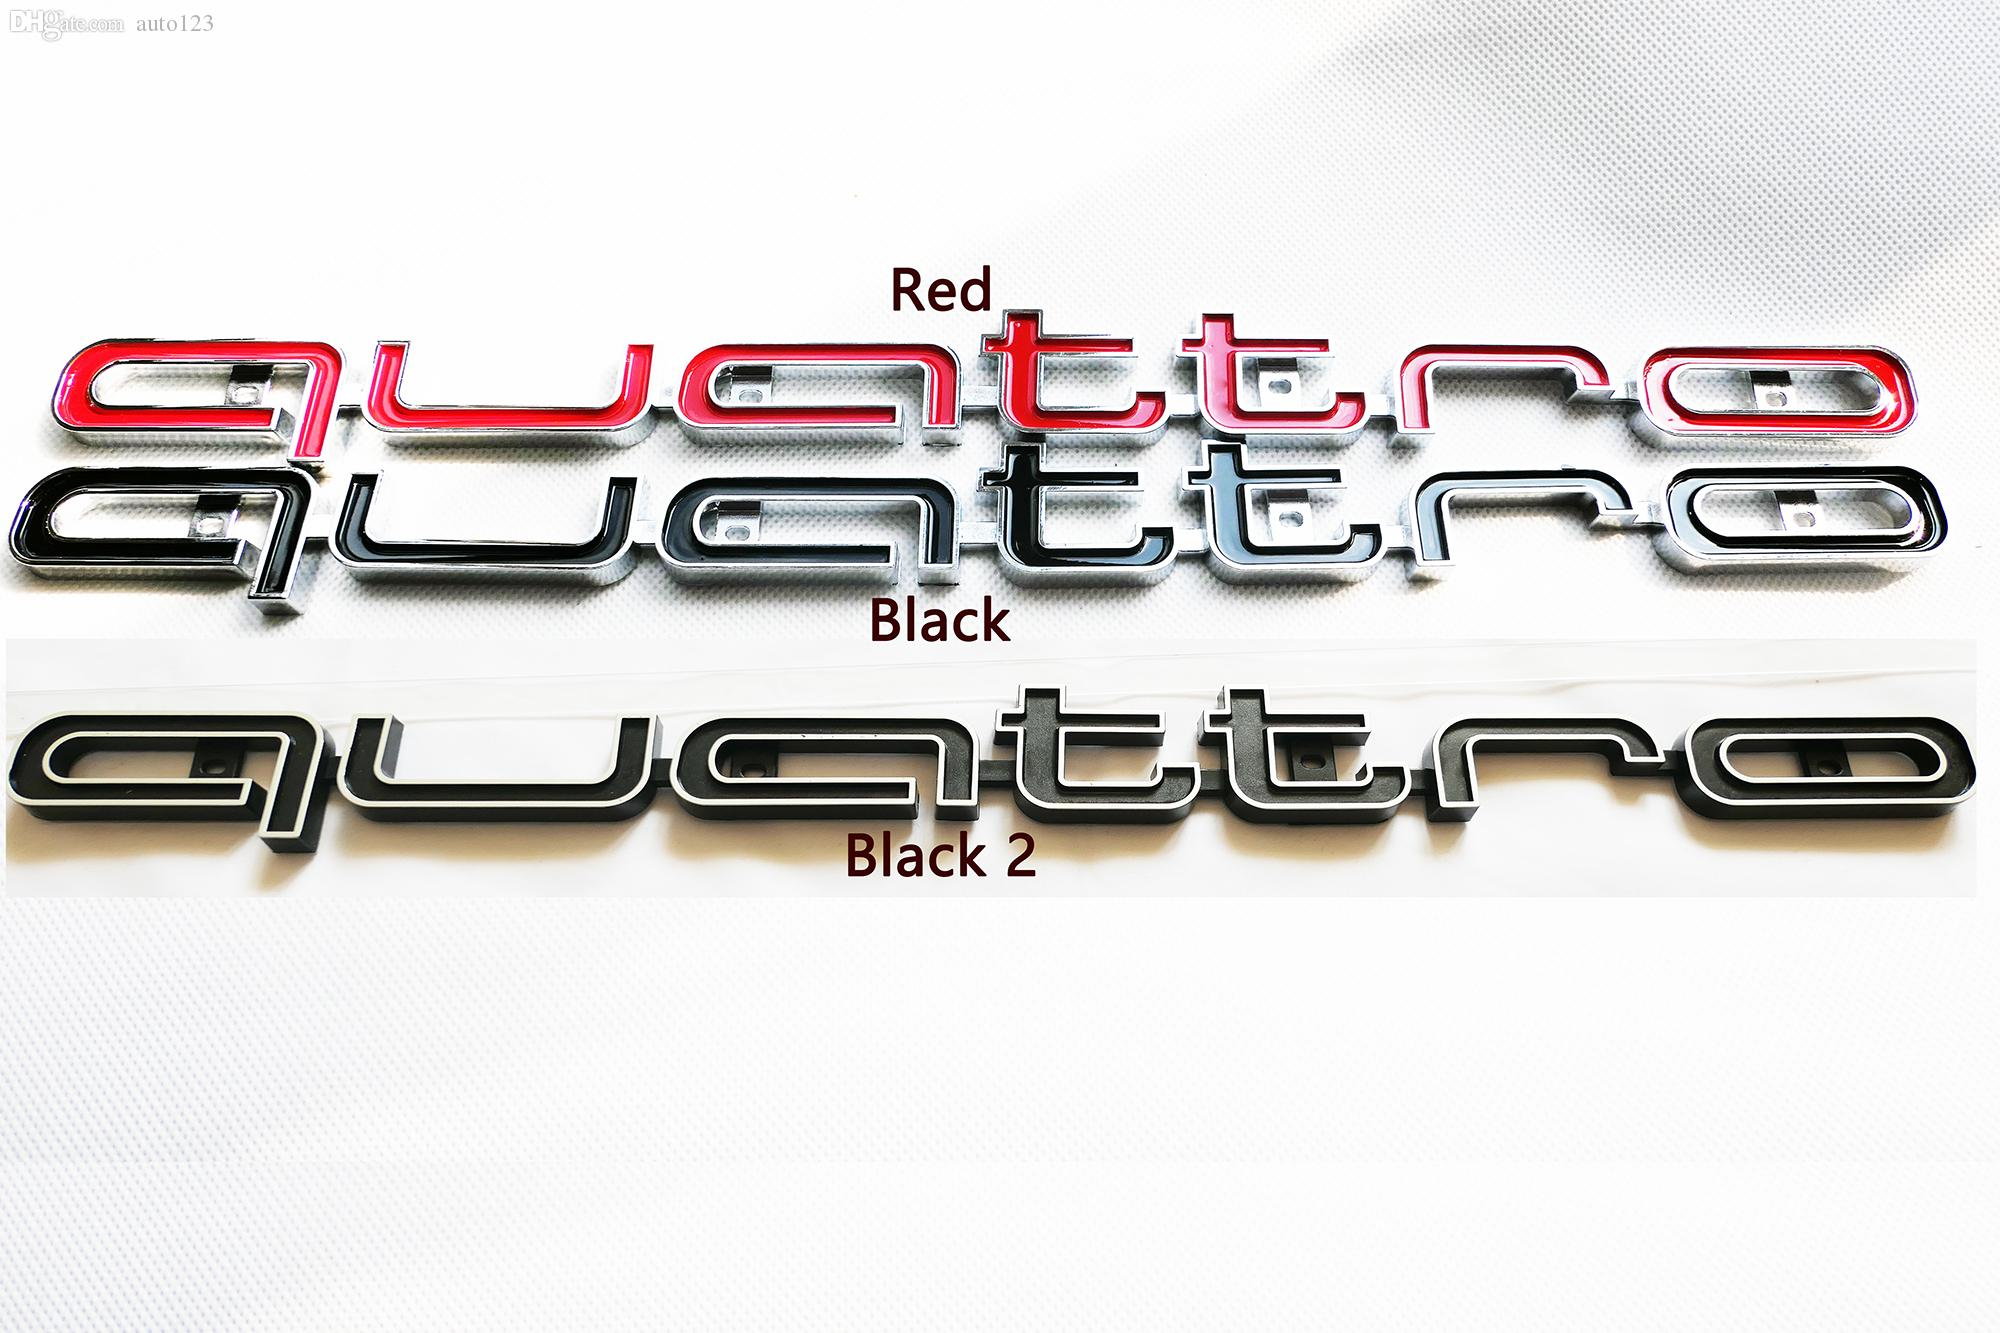 RS نمط 3D ملصقات الجبهة كواترو شعار مصبغة شارة تريم لأودي A1 A3 A4 A5 A6 A7 A8 Q3 Q5 TT زينة السيارات